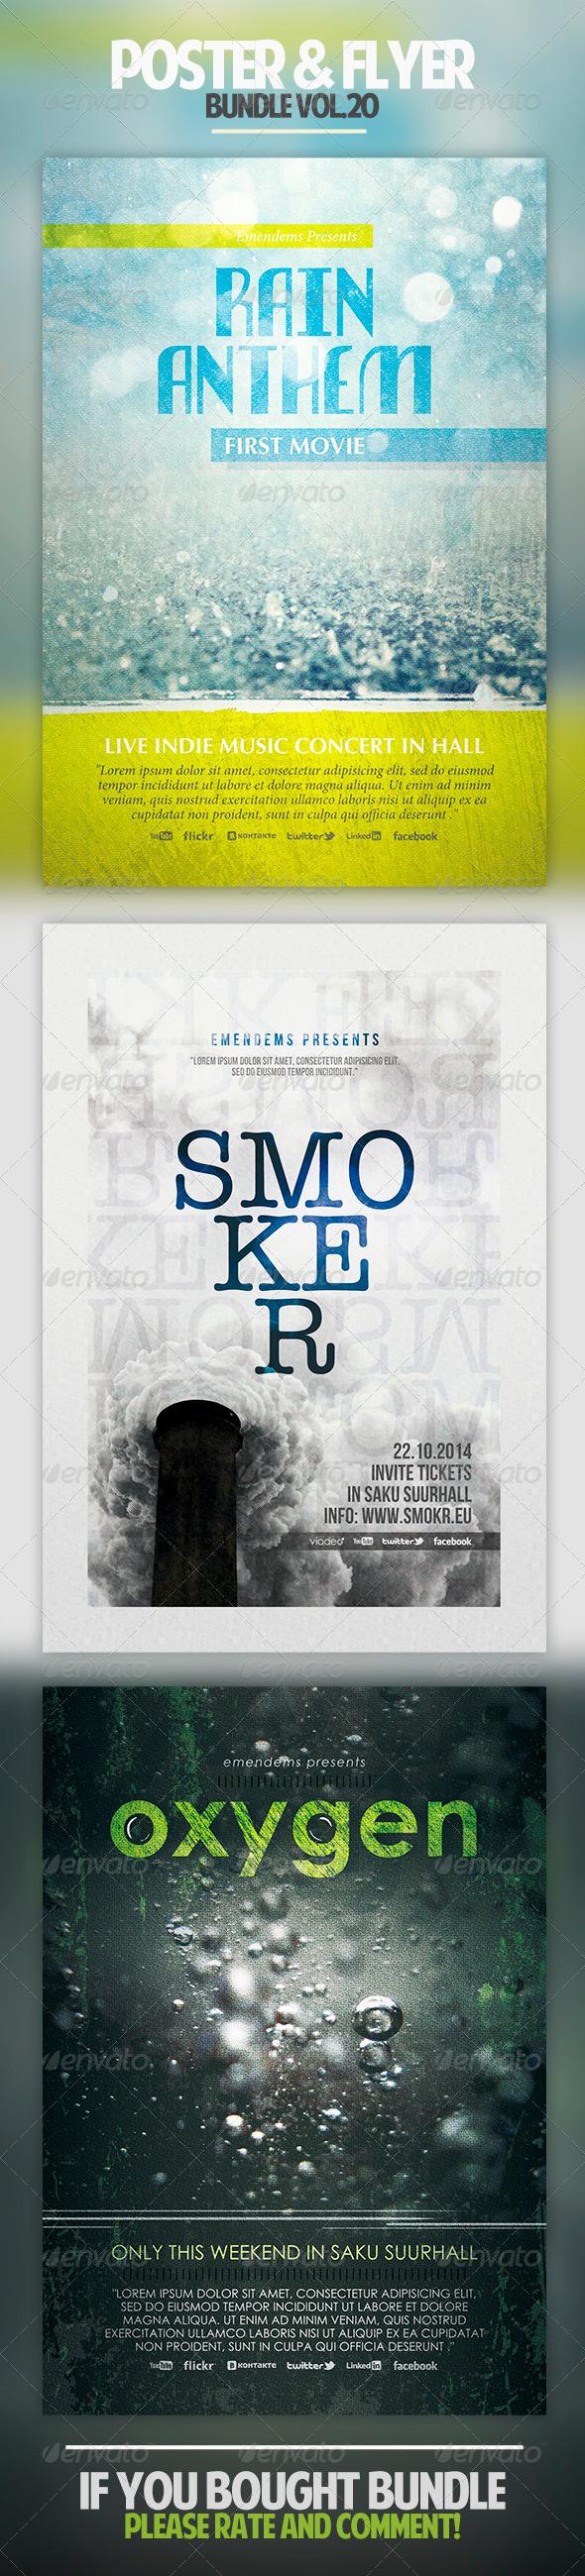 Poster & Flyer Bundle Vol.20 - Miscellaneous Events